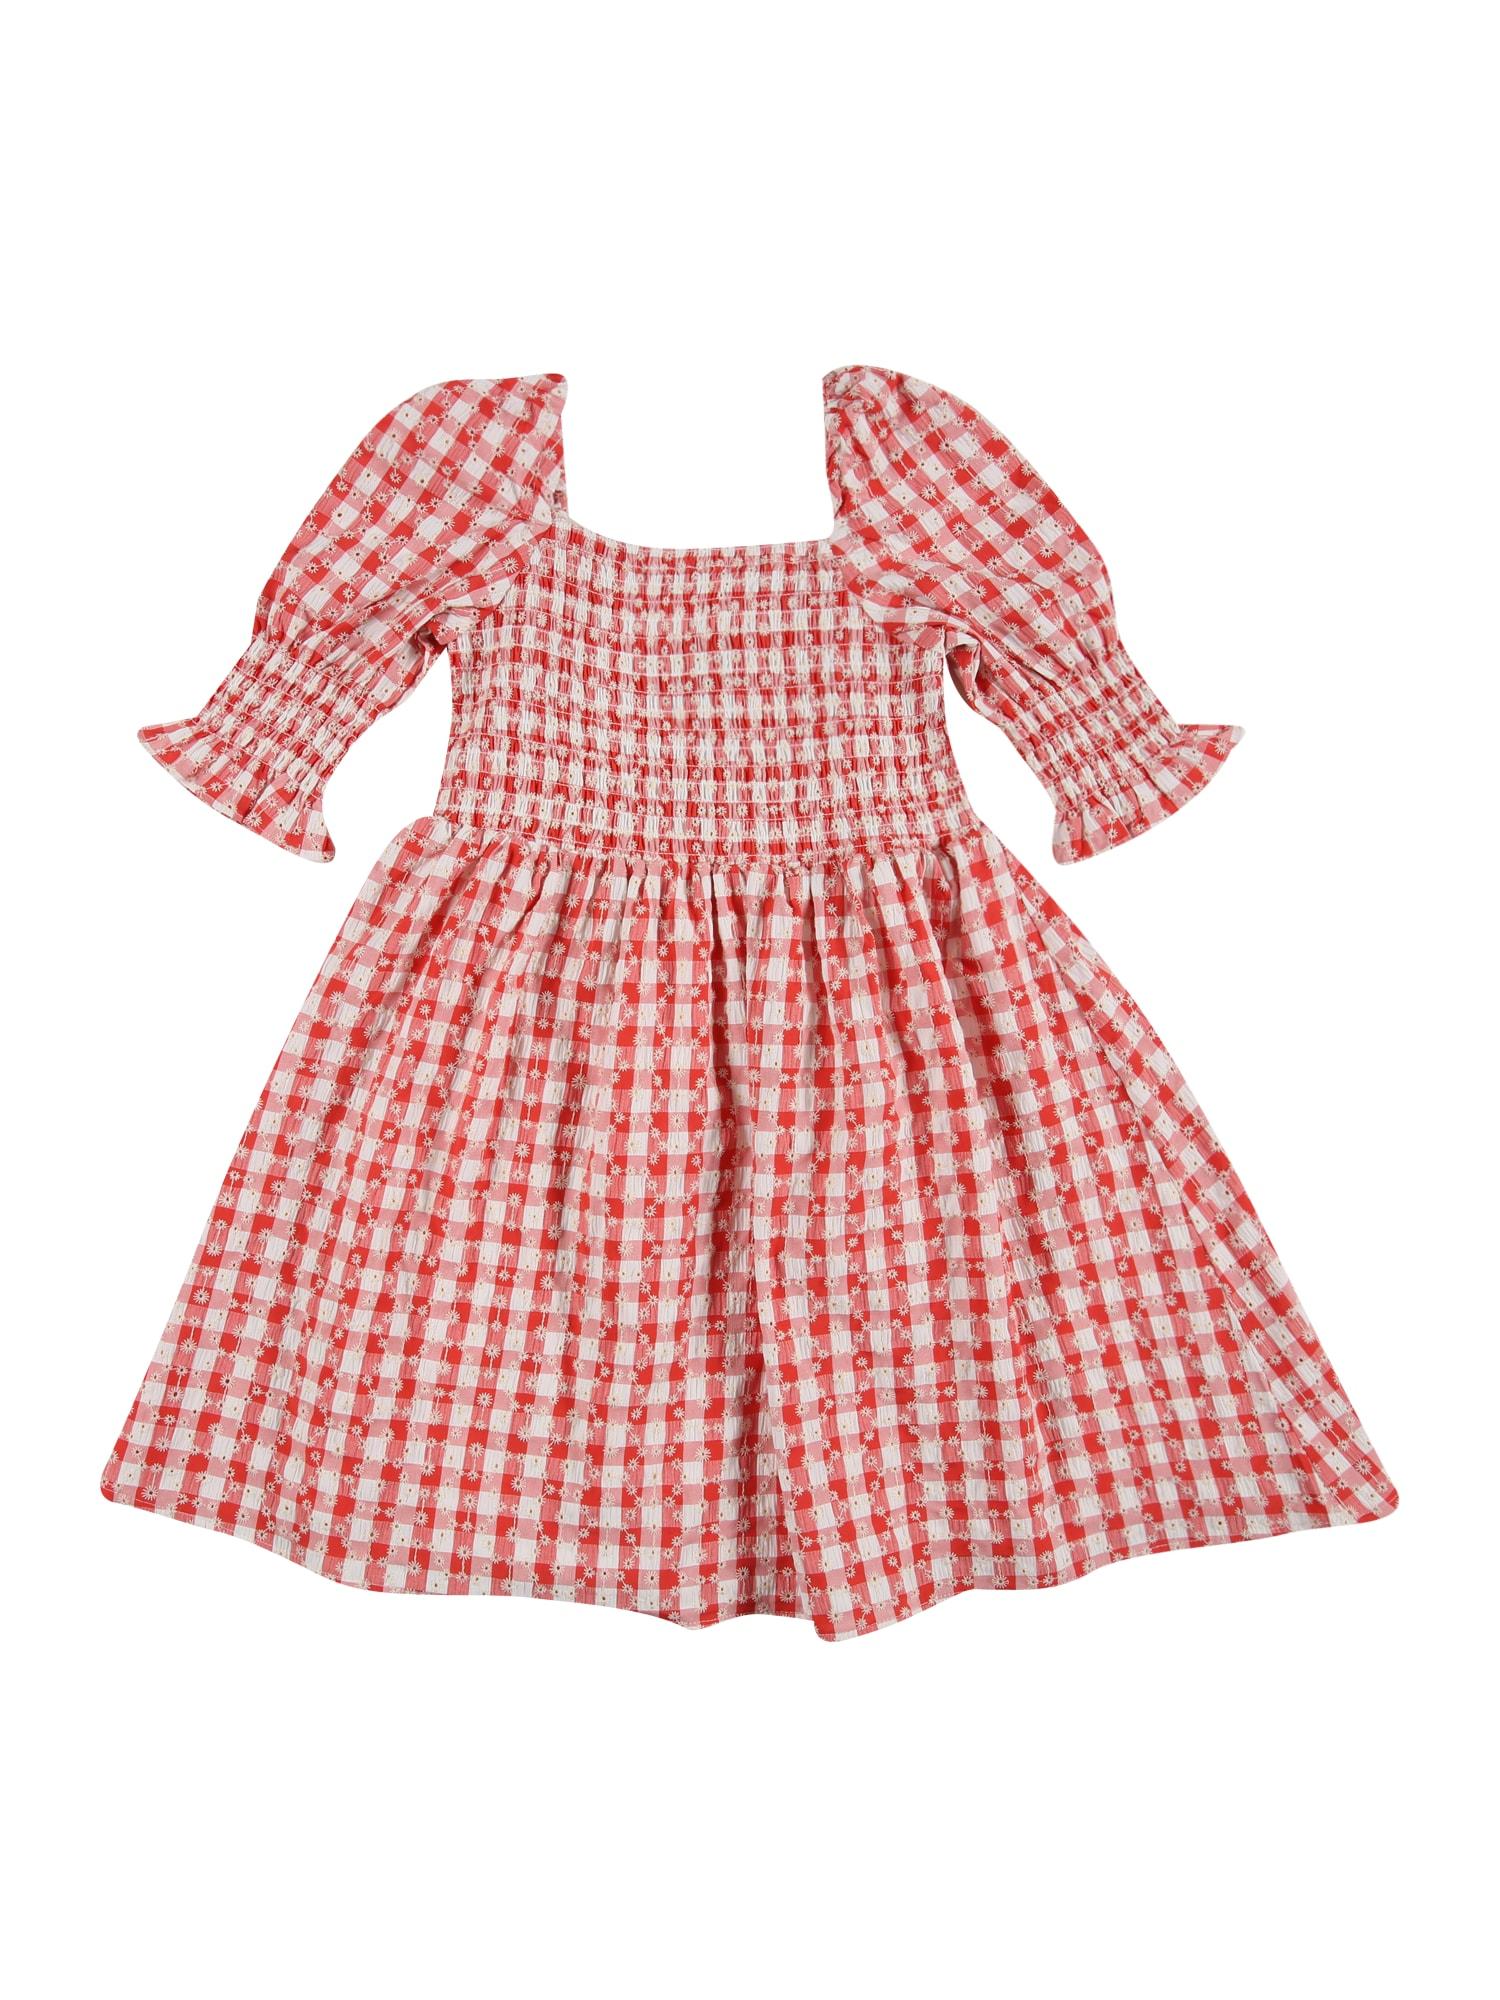 Bardot Junior Suknelė raudona / balta